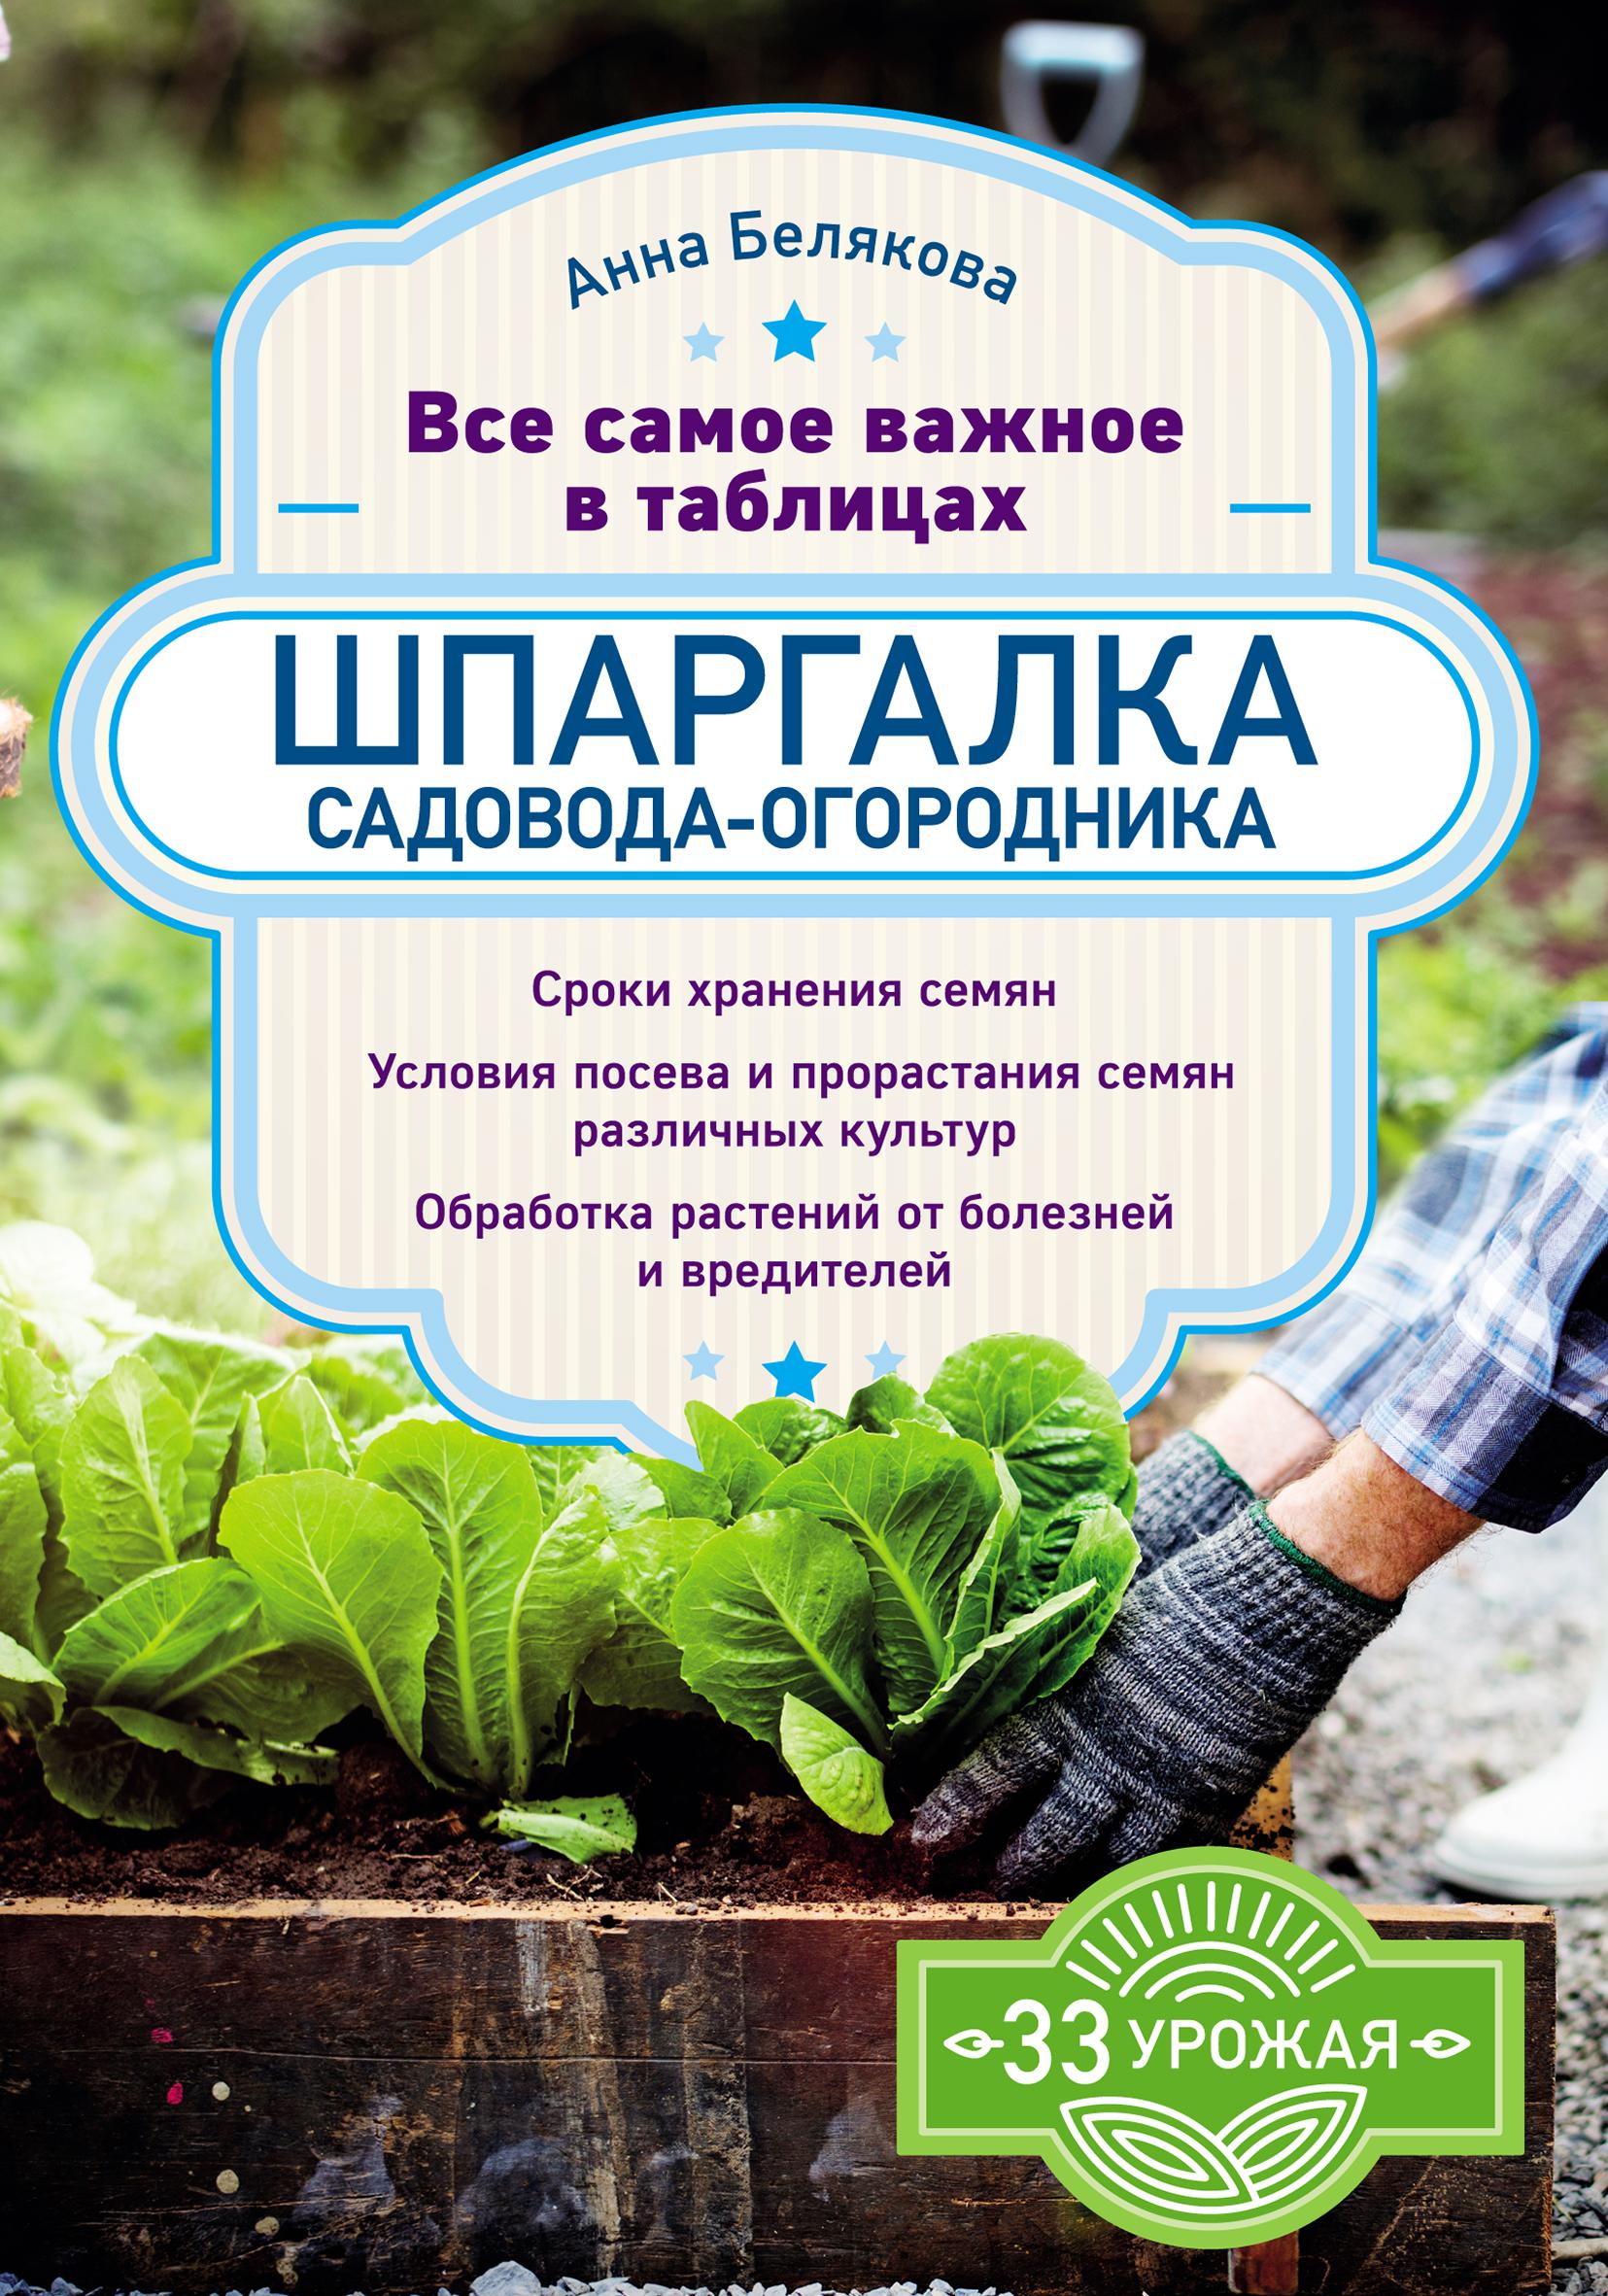 Анна Белякова Шпаргалка садовода-огородника. Все самое важное в таблицах анна белякова тюльпаны от луковицы до цветка